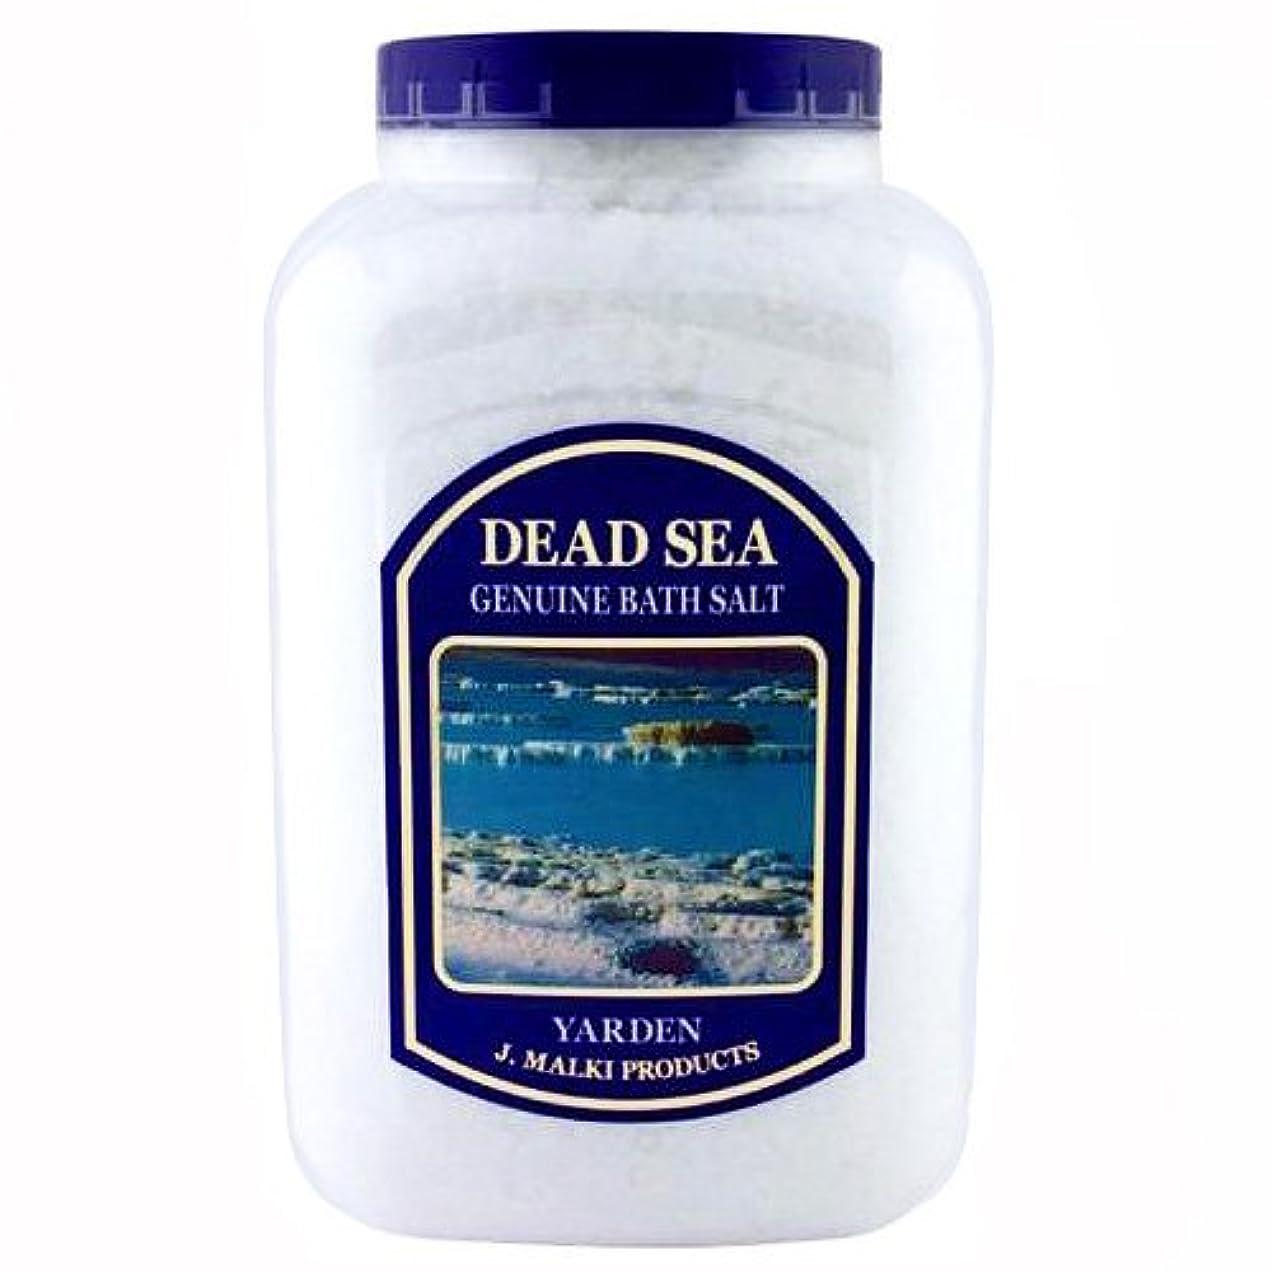 基本的なみドローデッドシー?バスソルト 4.5kg(約45回分)【DEAD SEA BATH SALT】死海の塩/入浴剤(入浴用化粧品)【正規販売店】